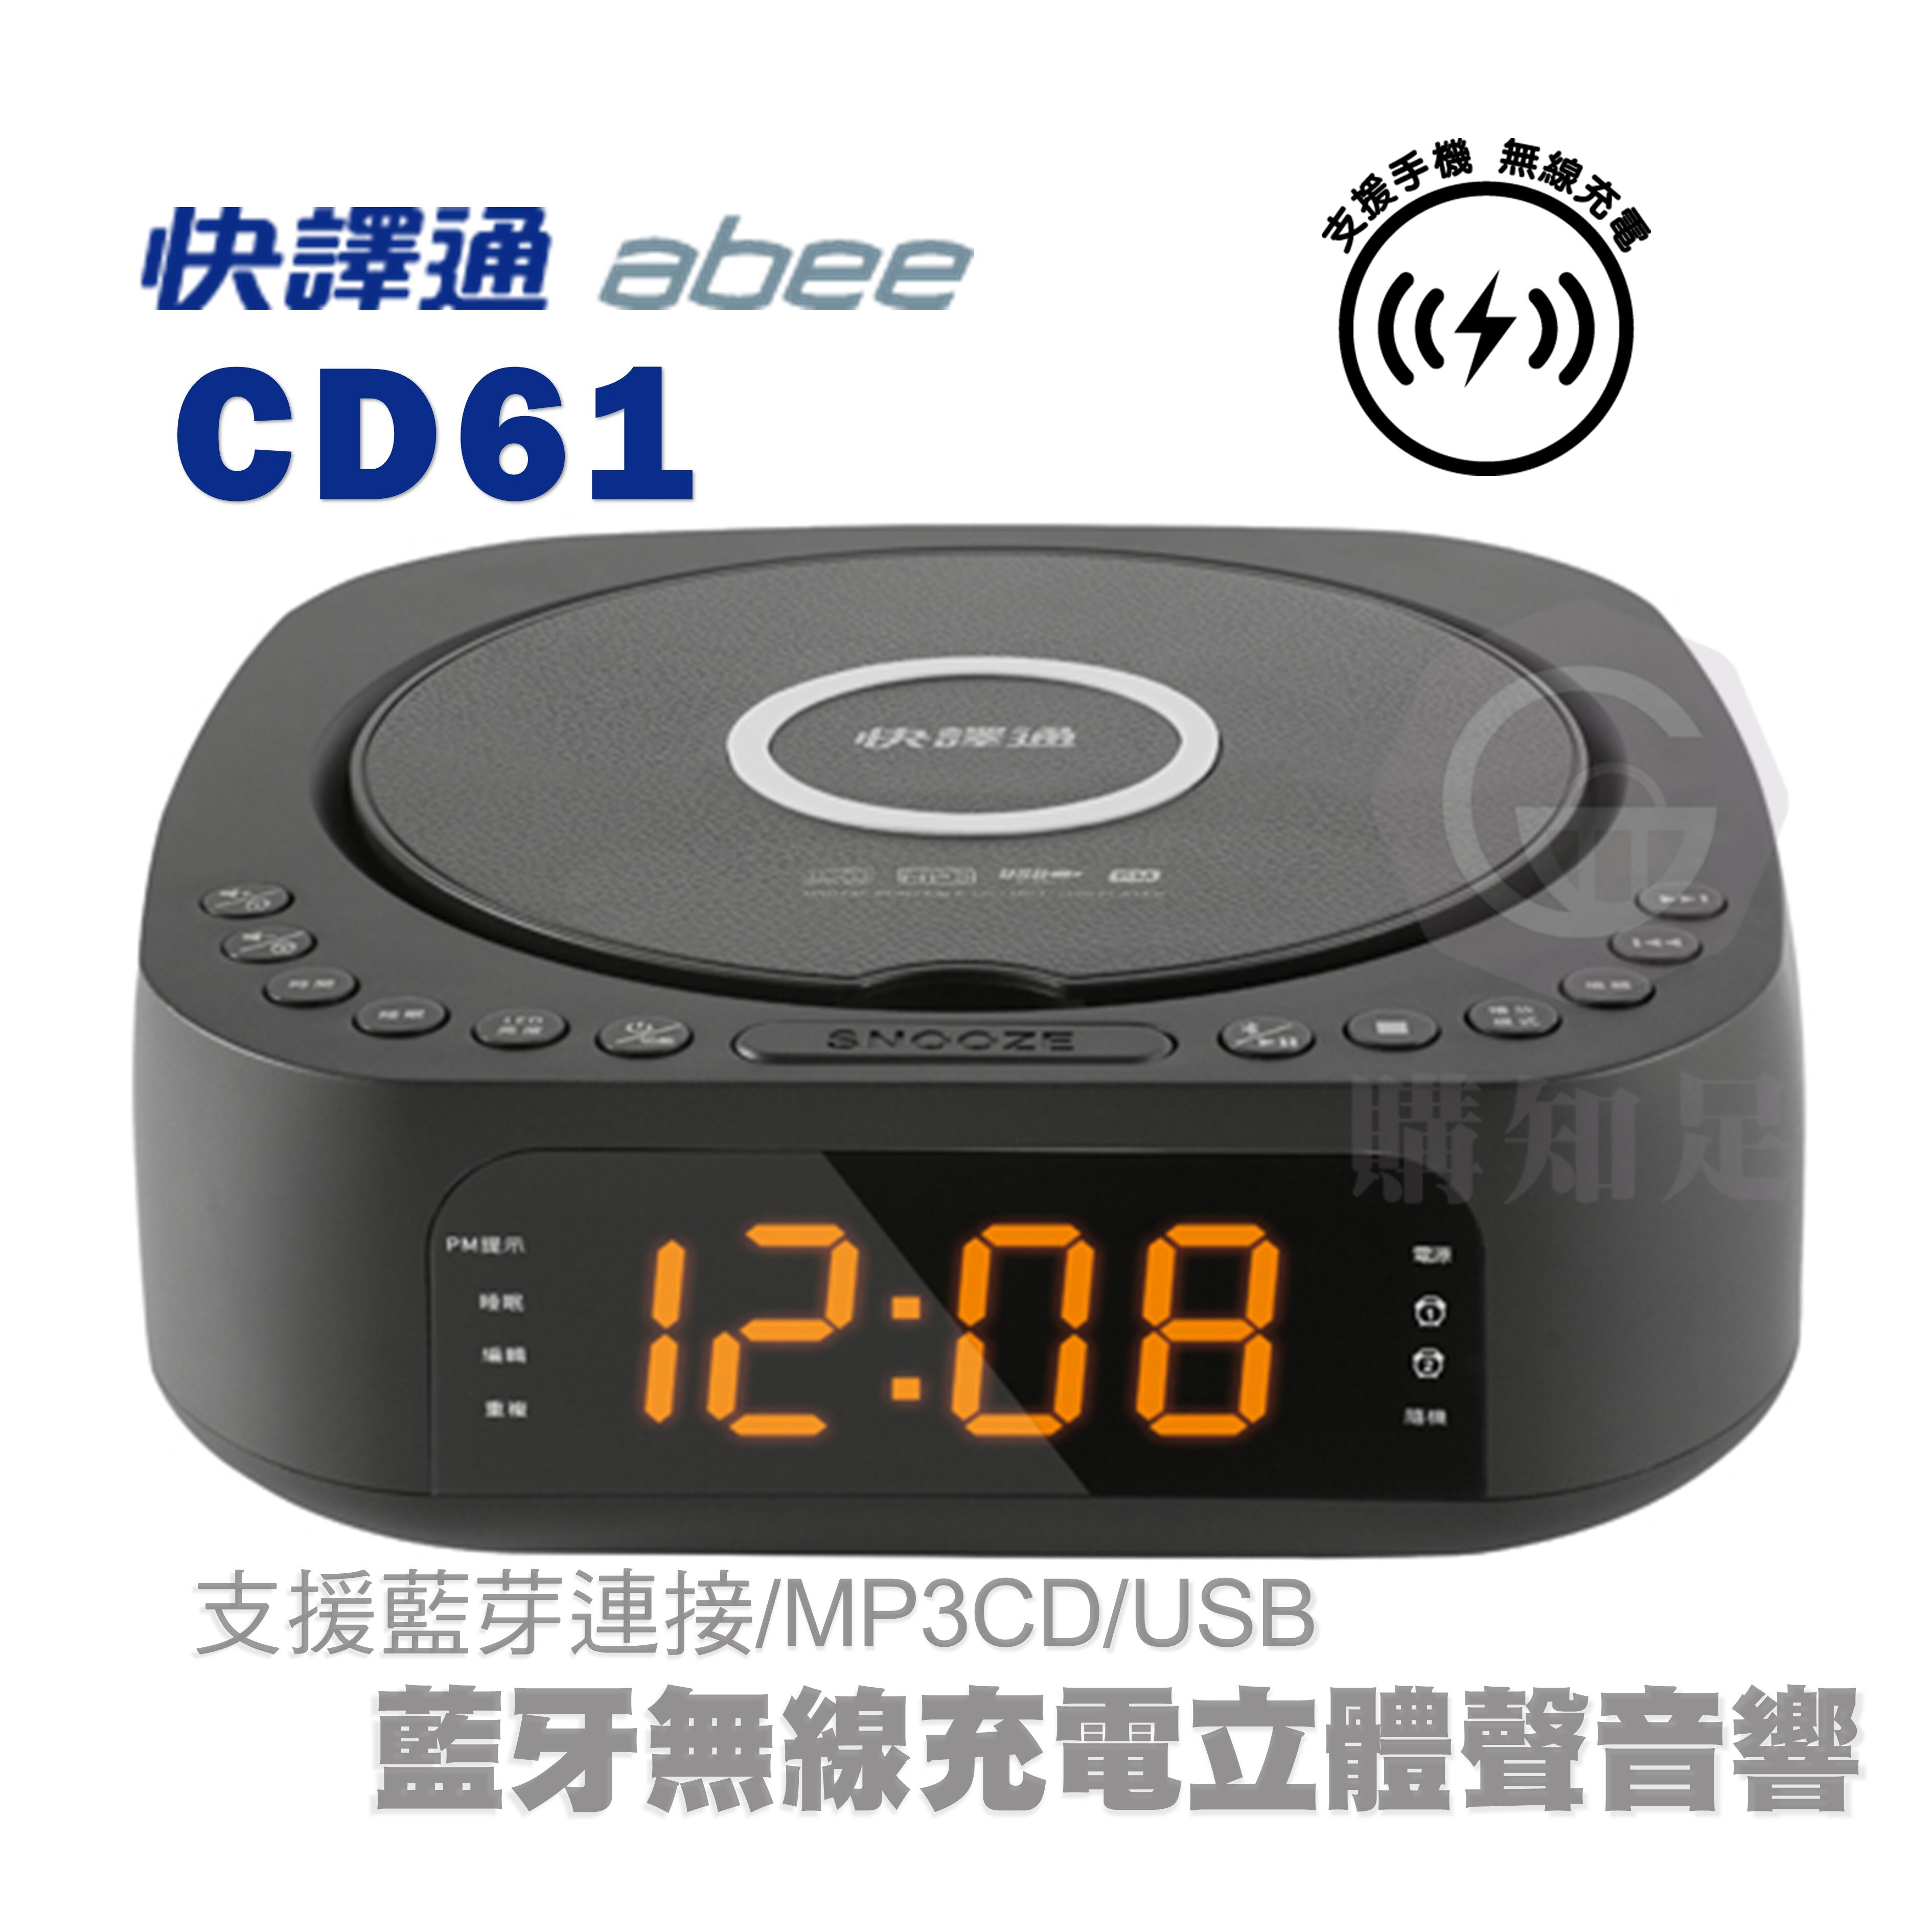 現貨下殺『快譯通 立體聲音響 CD61』多功能 藍牙 手機無線充電 MP3 CD USB 快譯通 Abee【購知足】